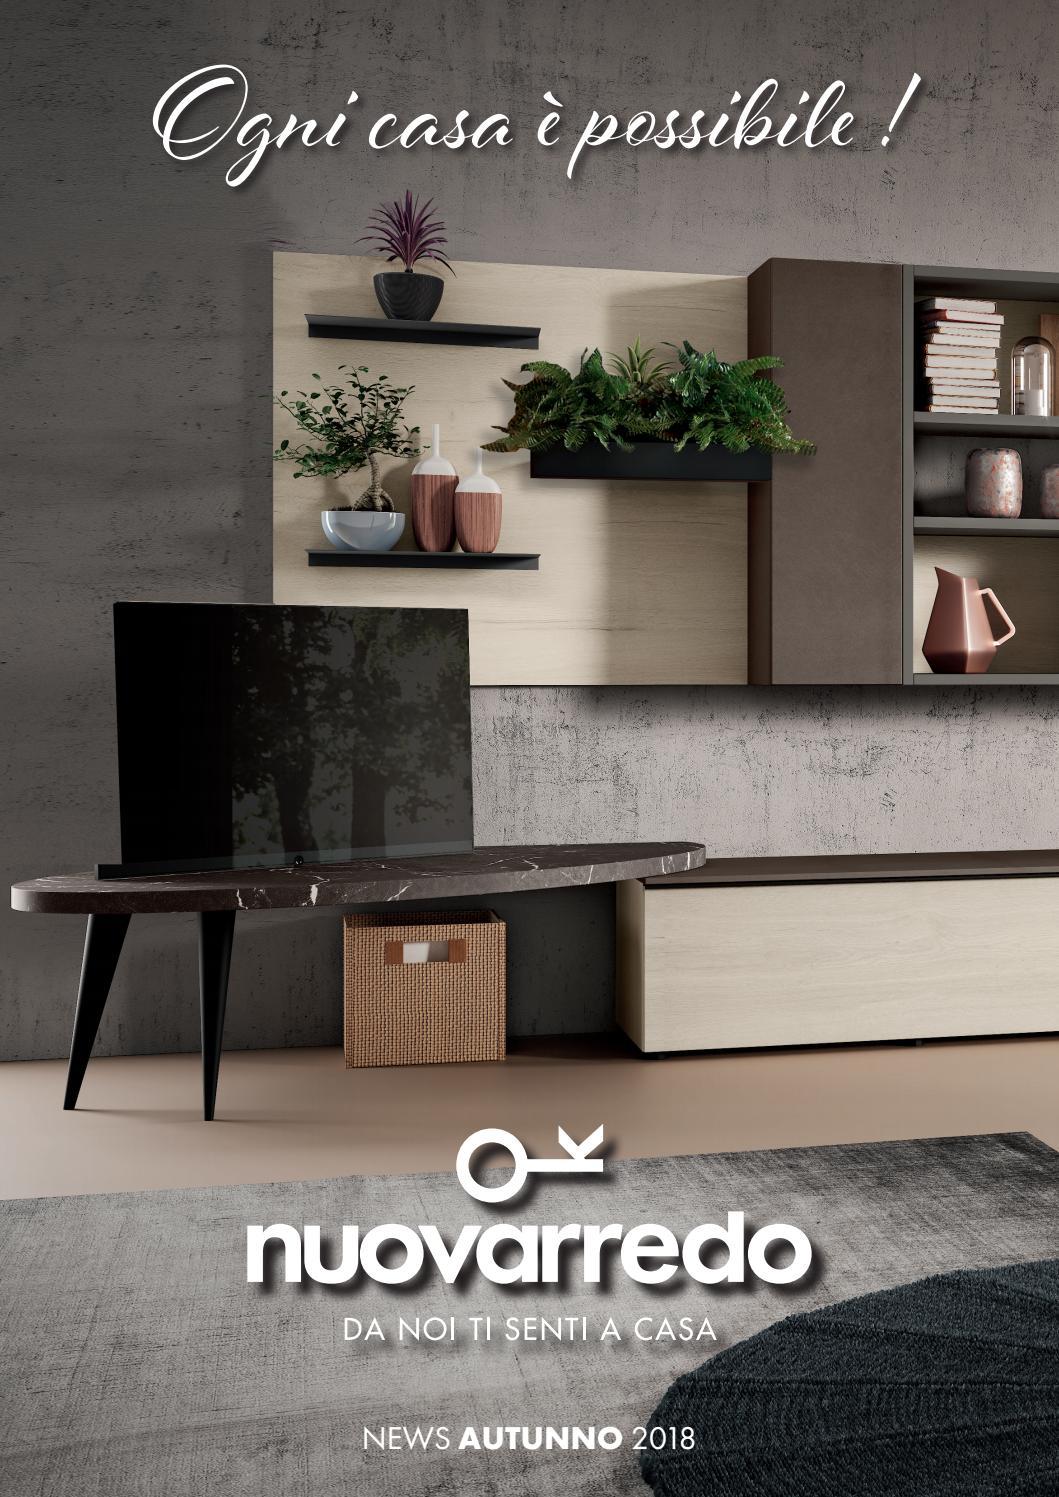 Nuovo Arredo Taranto Catalogo.News Autunno 2018 By Nuovarredo Issuu